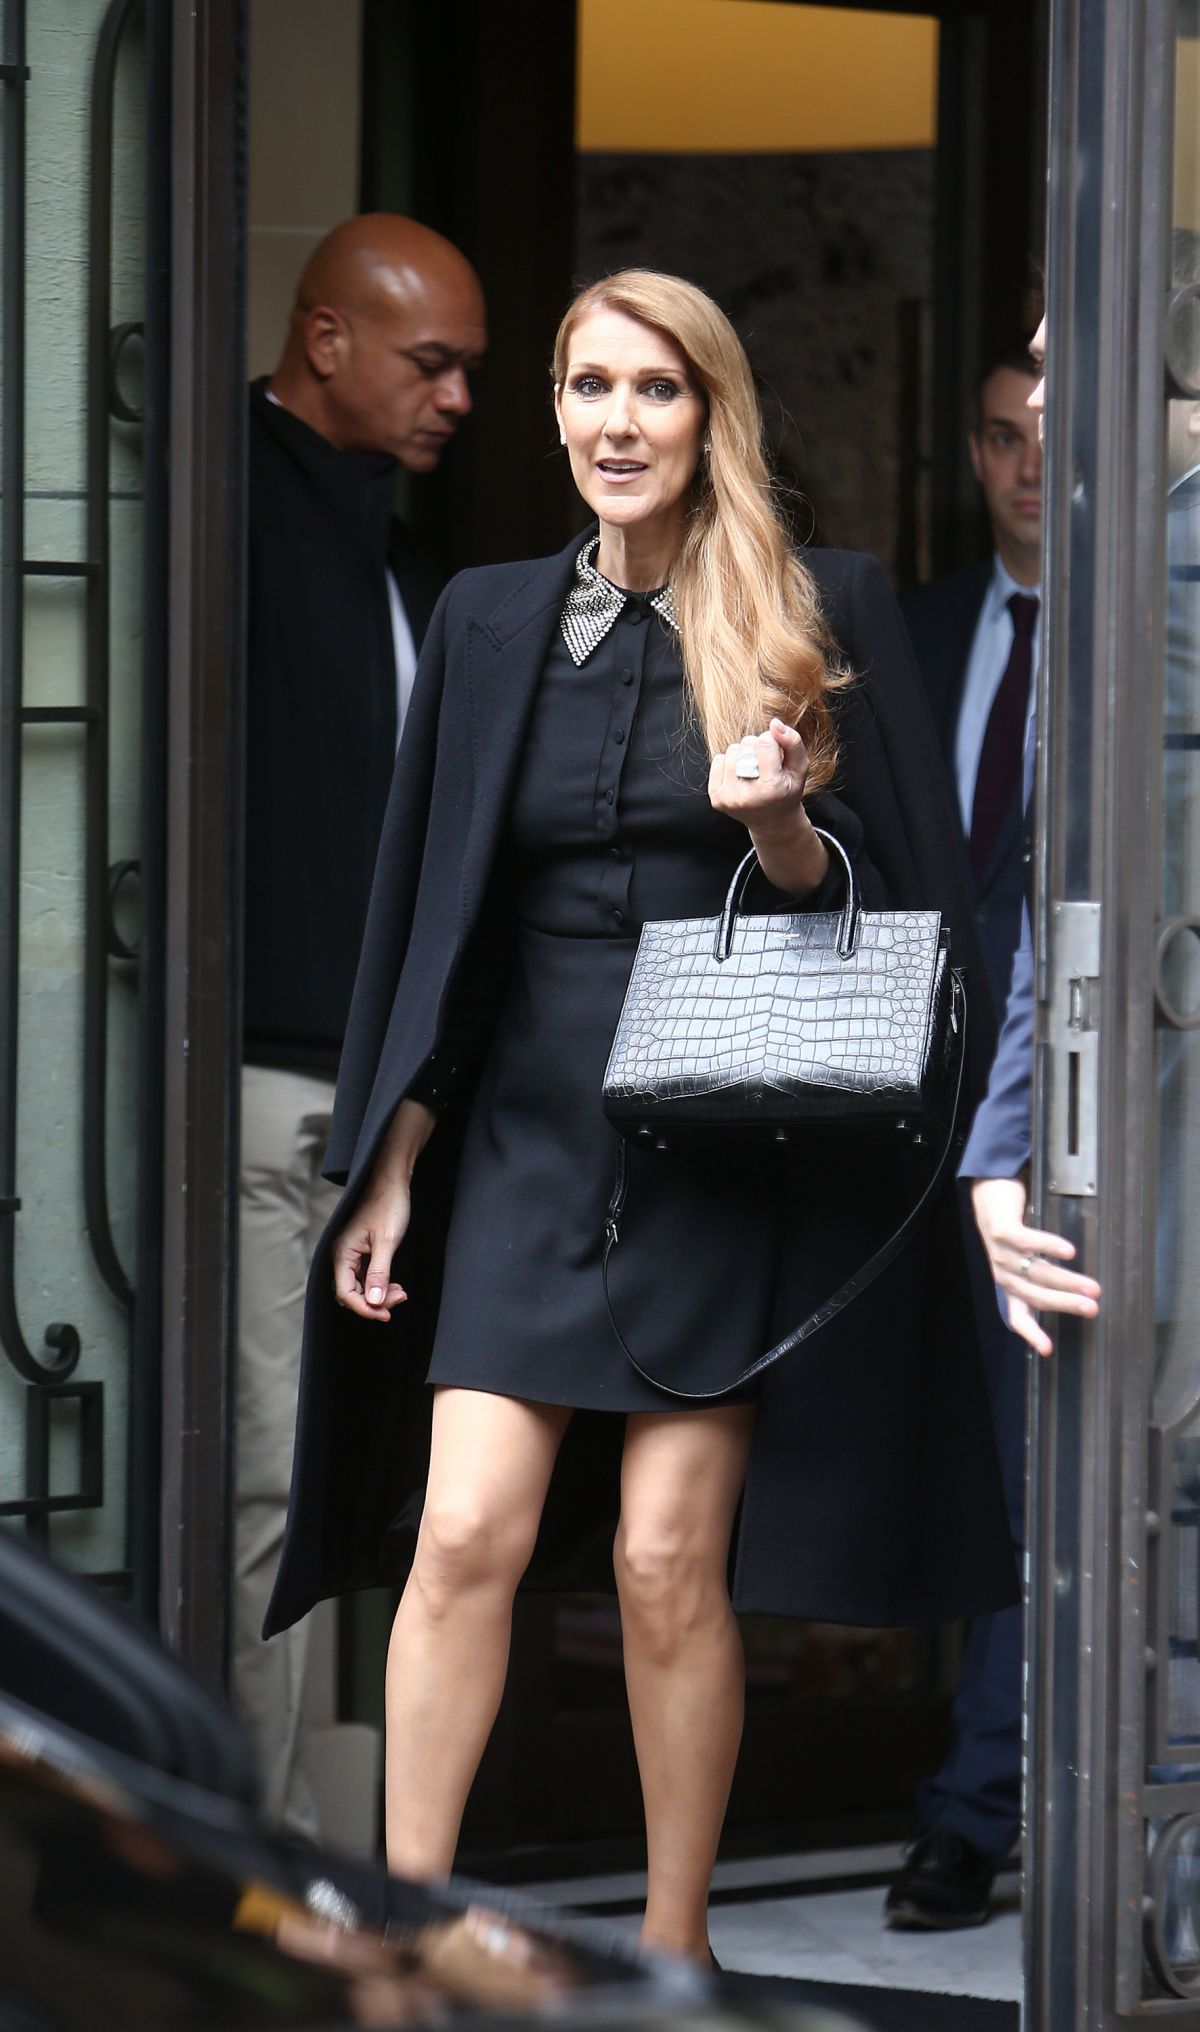 CELINE DION Leaves Royal Monceau Hotel in Paris 06/15/2016